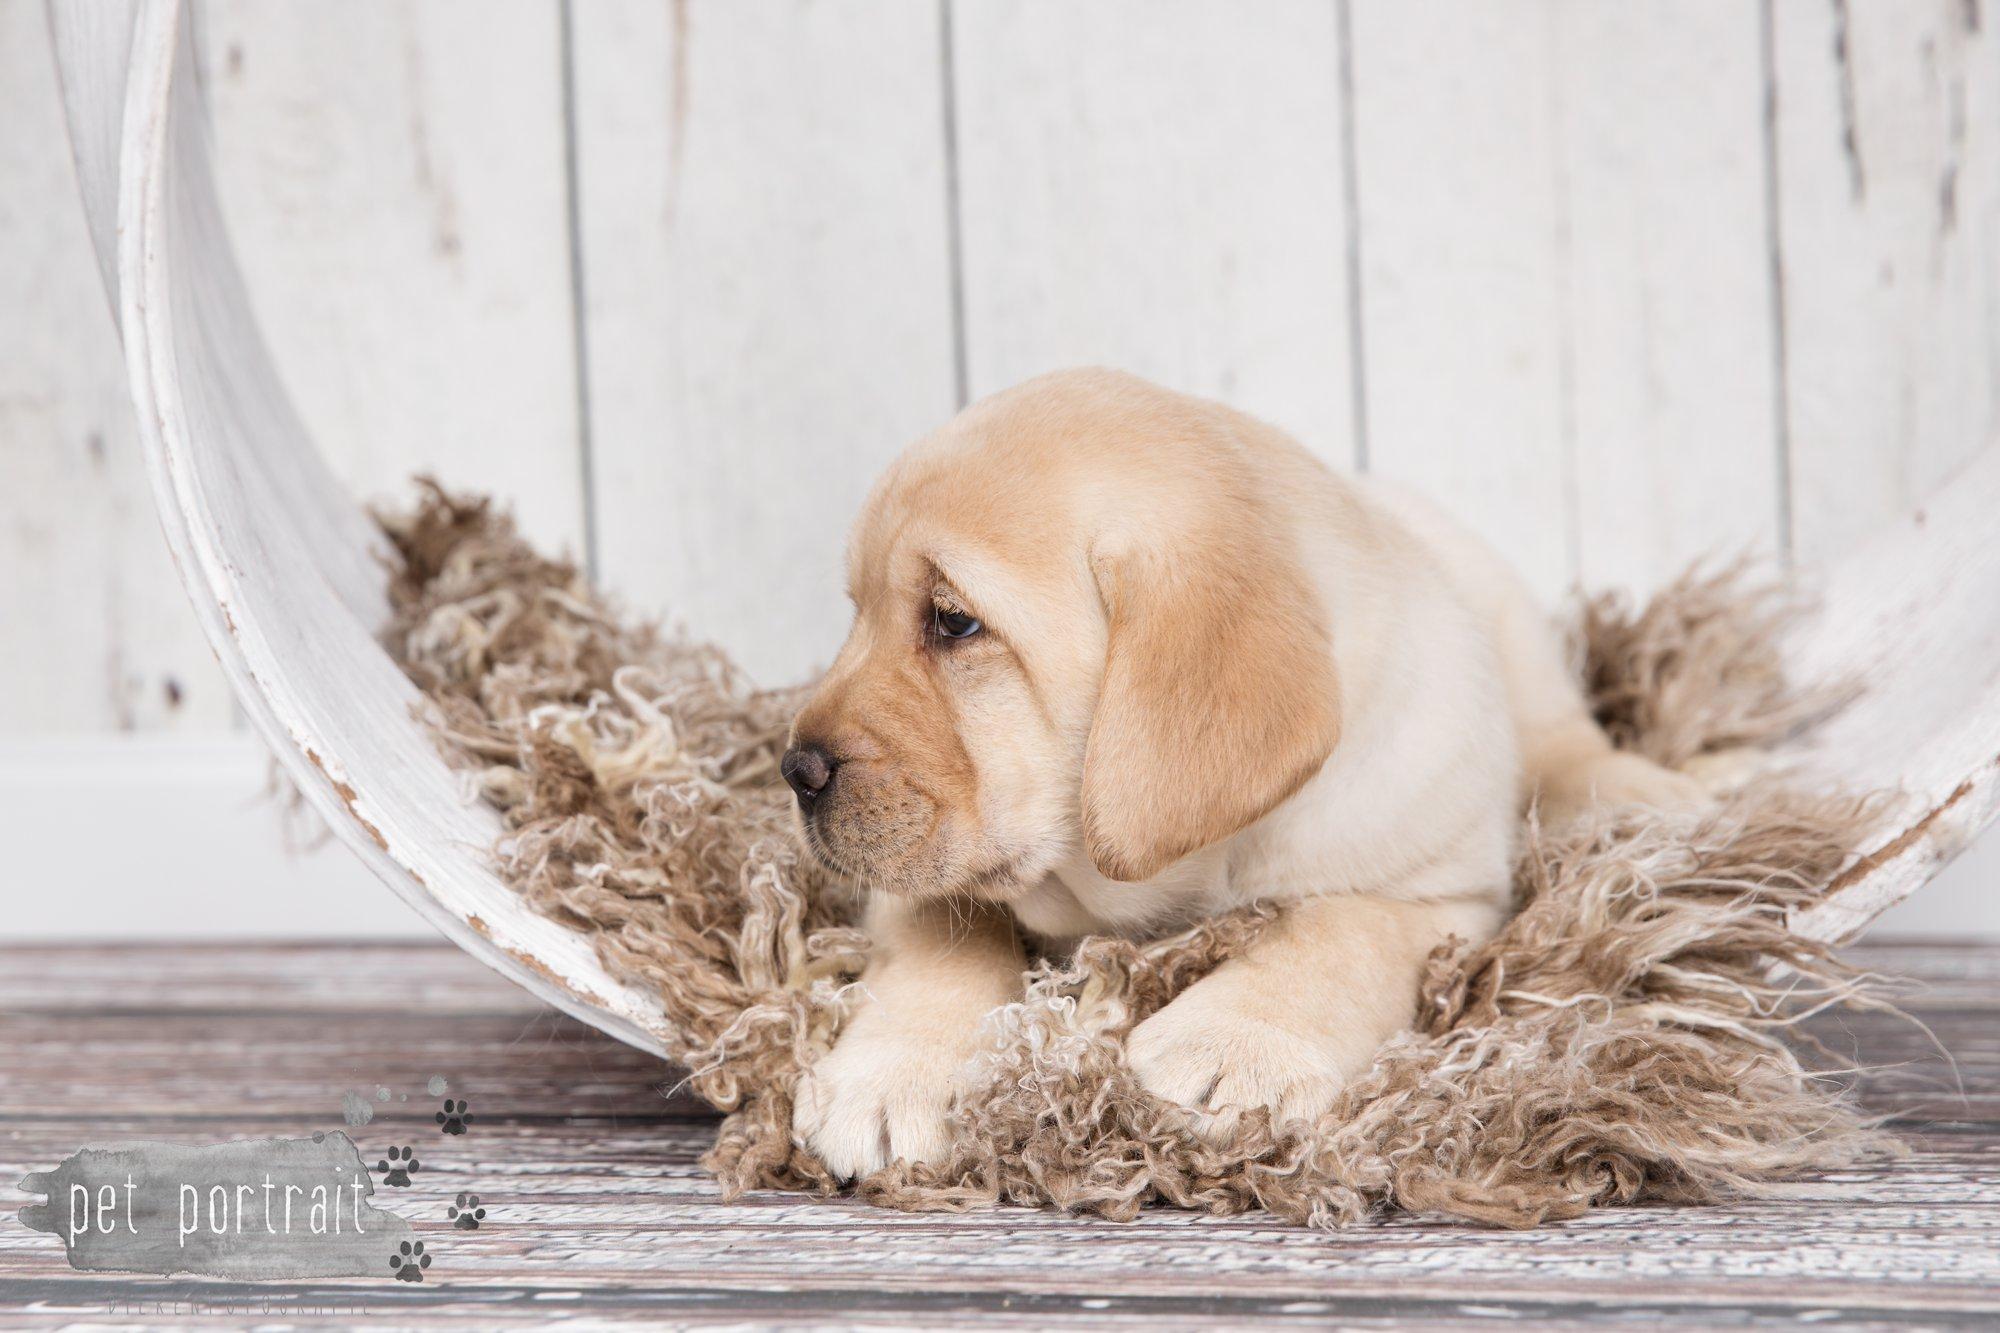 Hondenfotograaf Hillegom - Nestfotoshoot voor Labrador pups-27